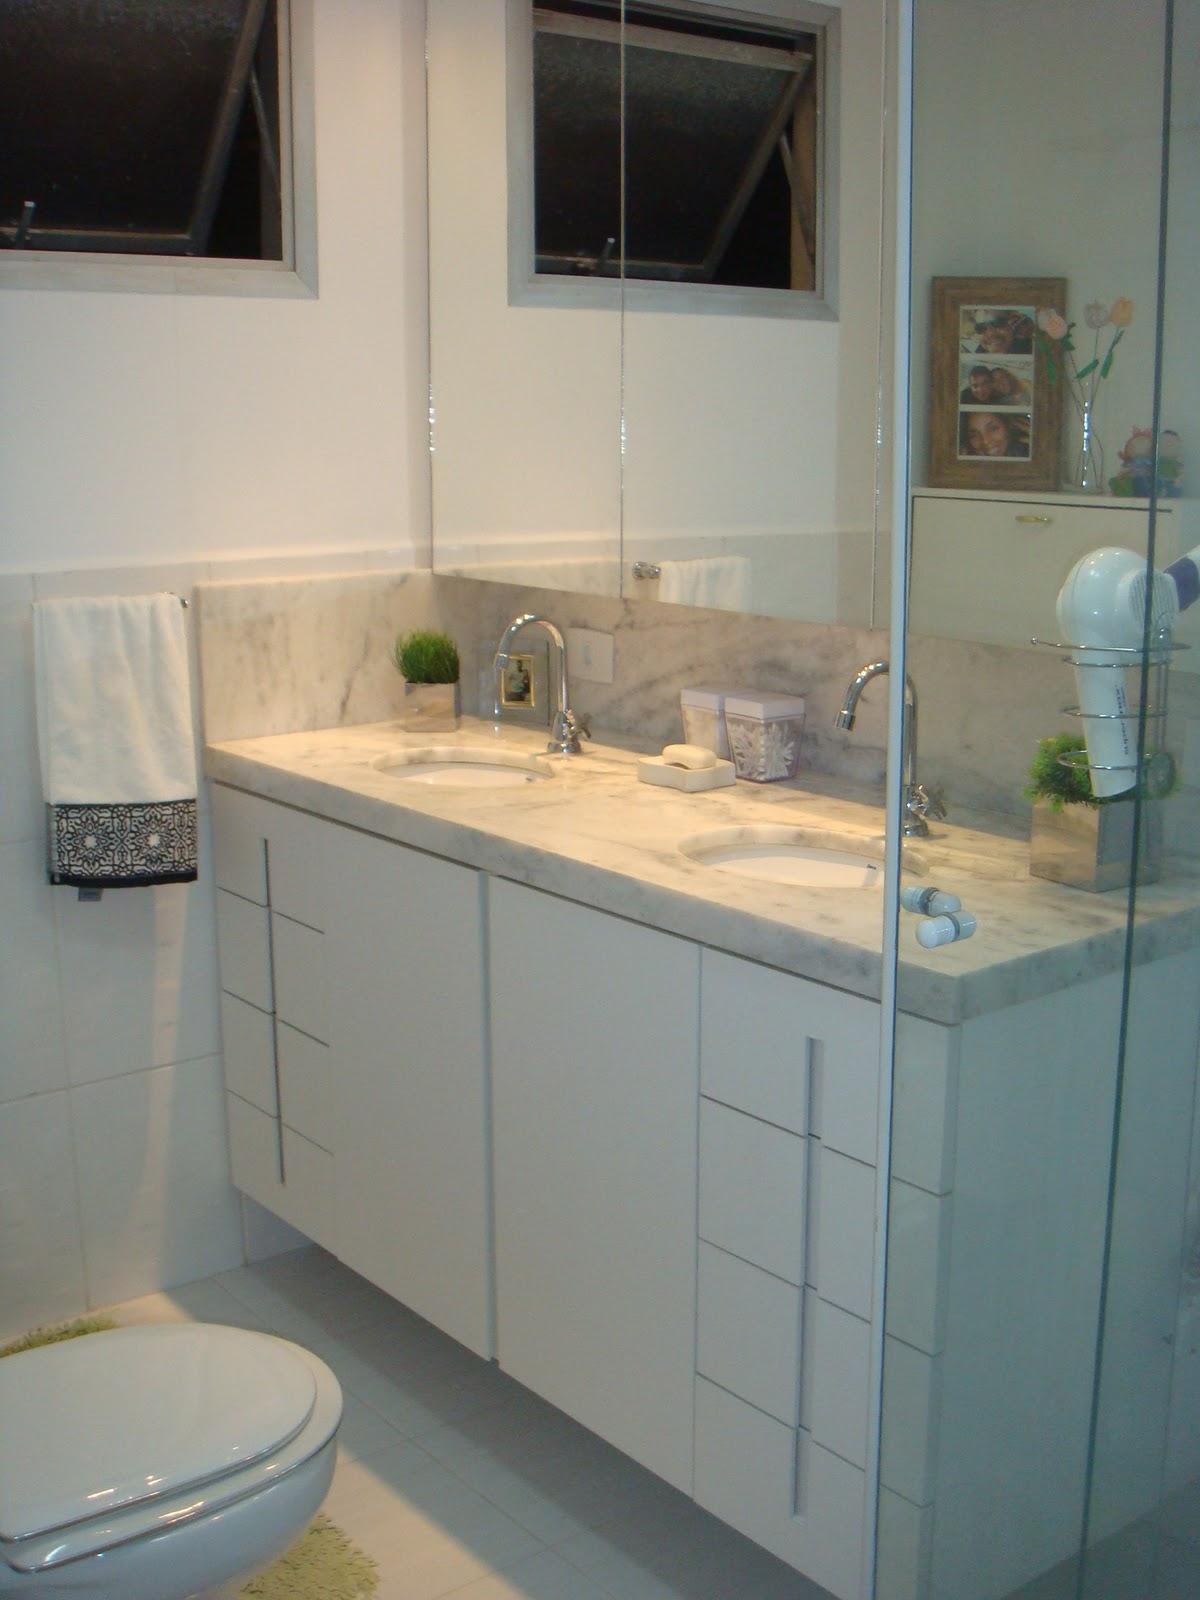 Casciano Design de Interiores: Banheiro Iluminado após reforma #816C4A 1200 1600